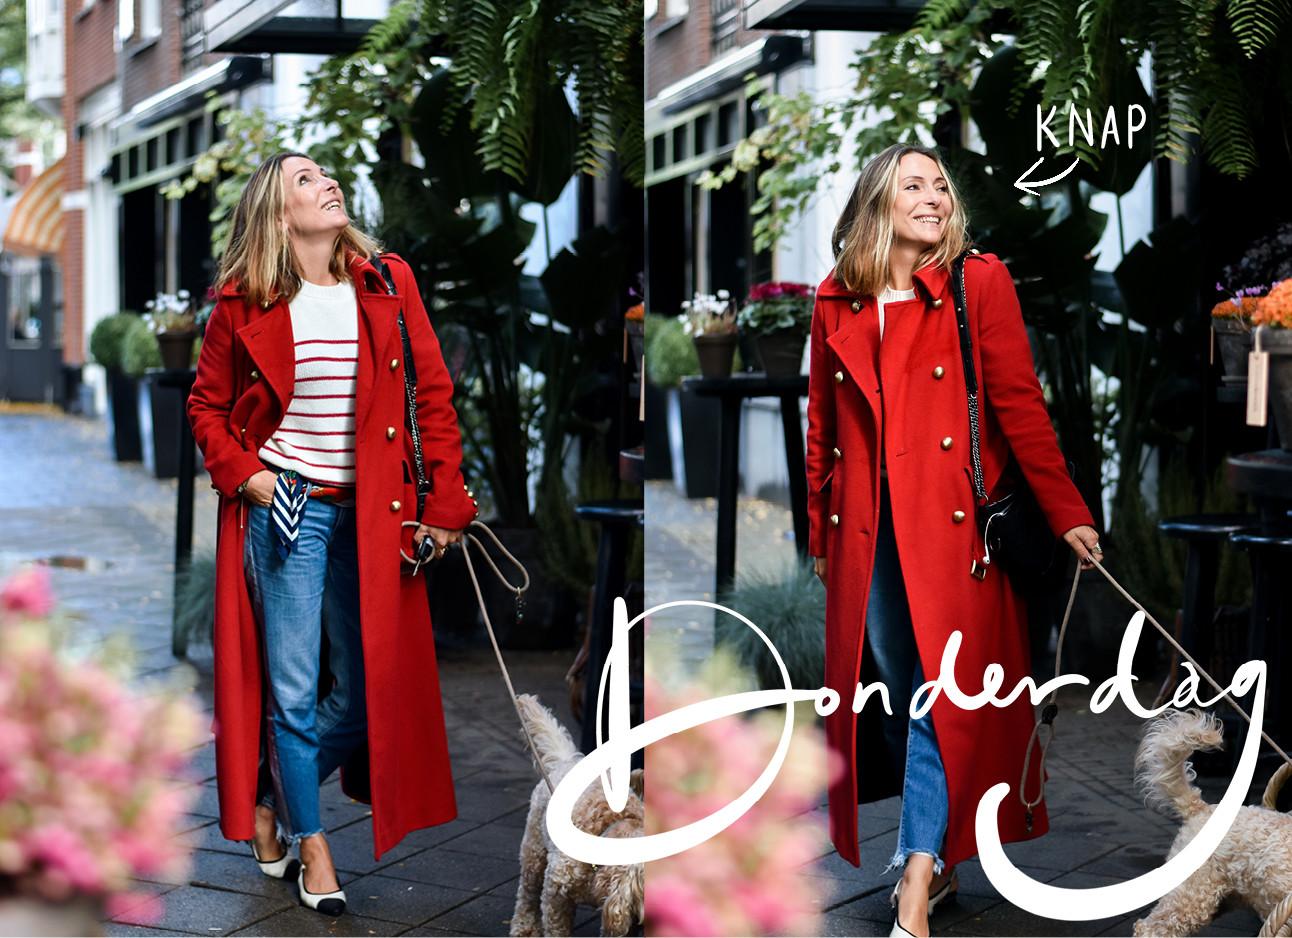 may die een rode jas draagt met een rood gestreept shirt, en een denim broke draagt ze loopt door een straat heen met monti